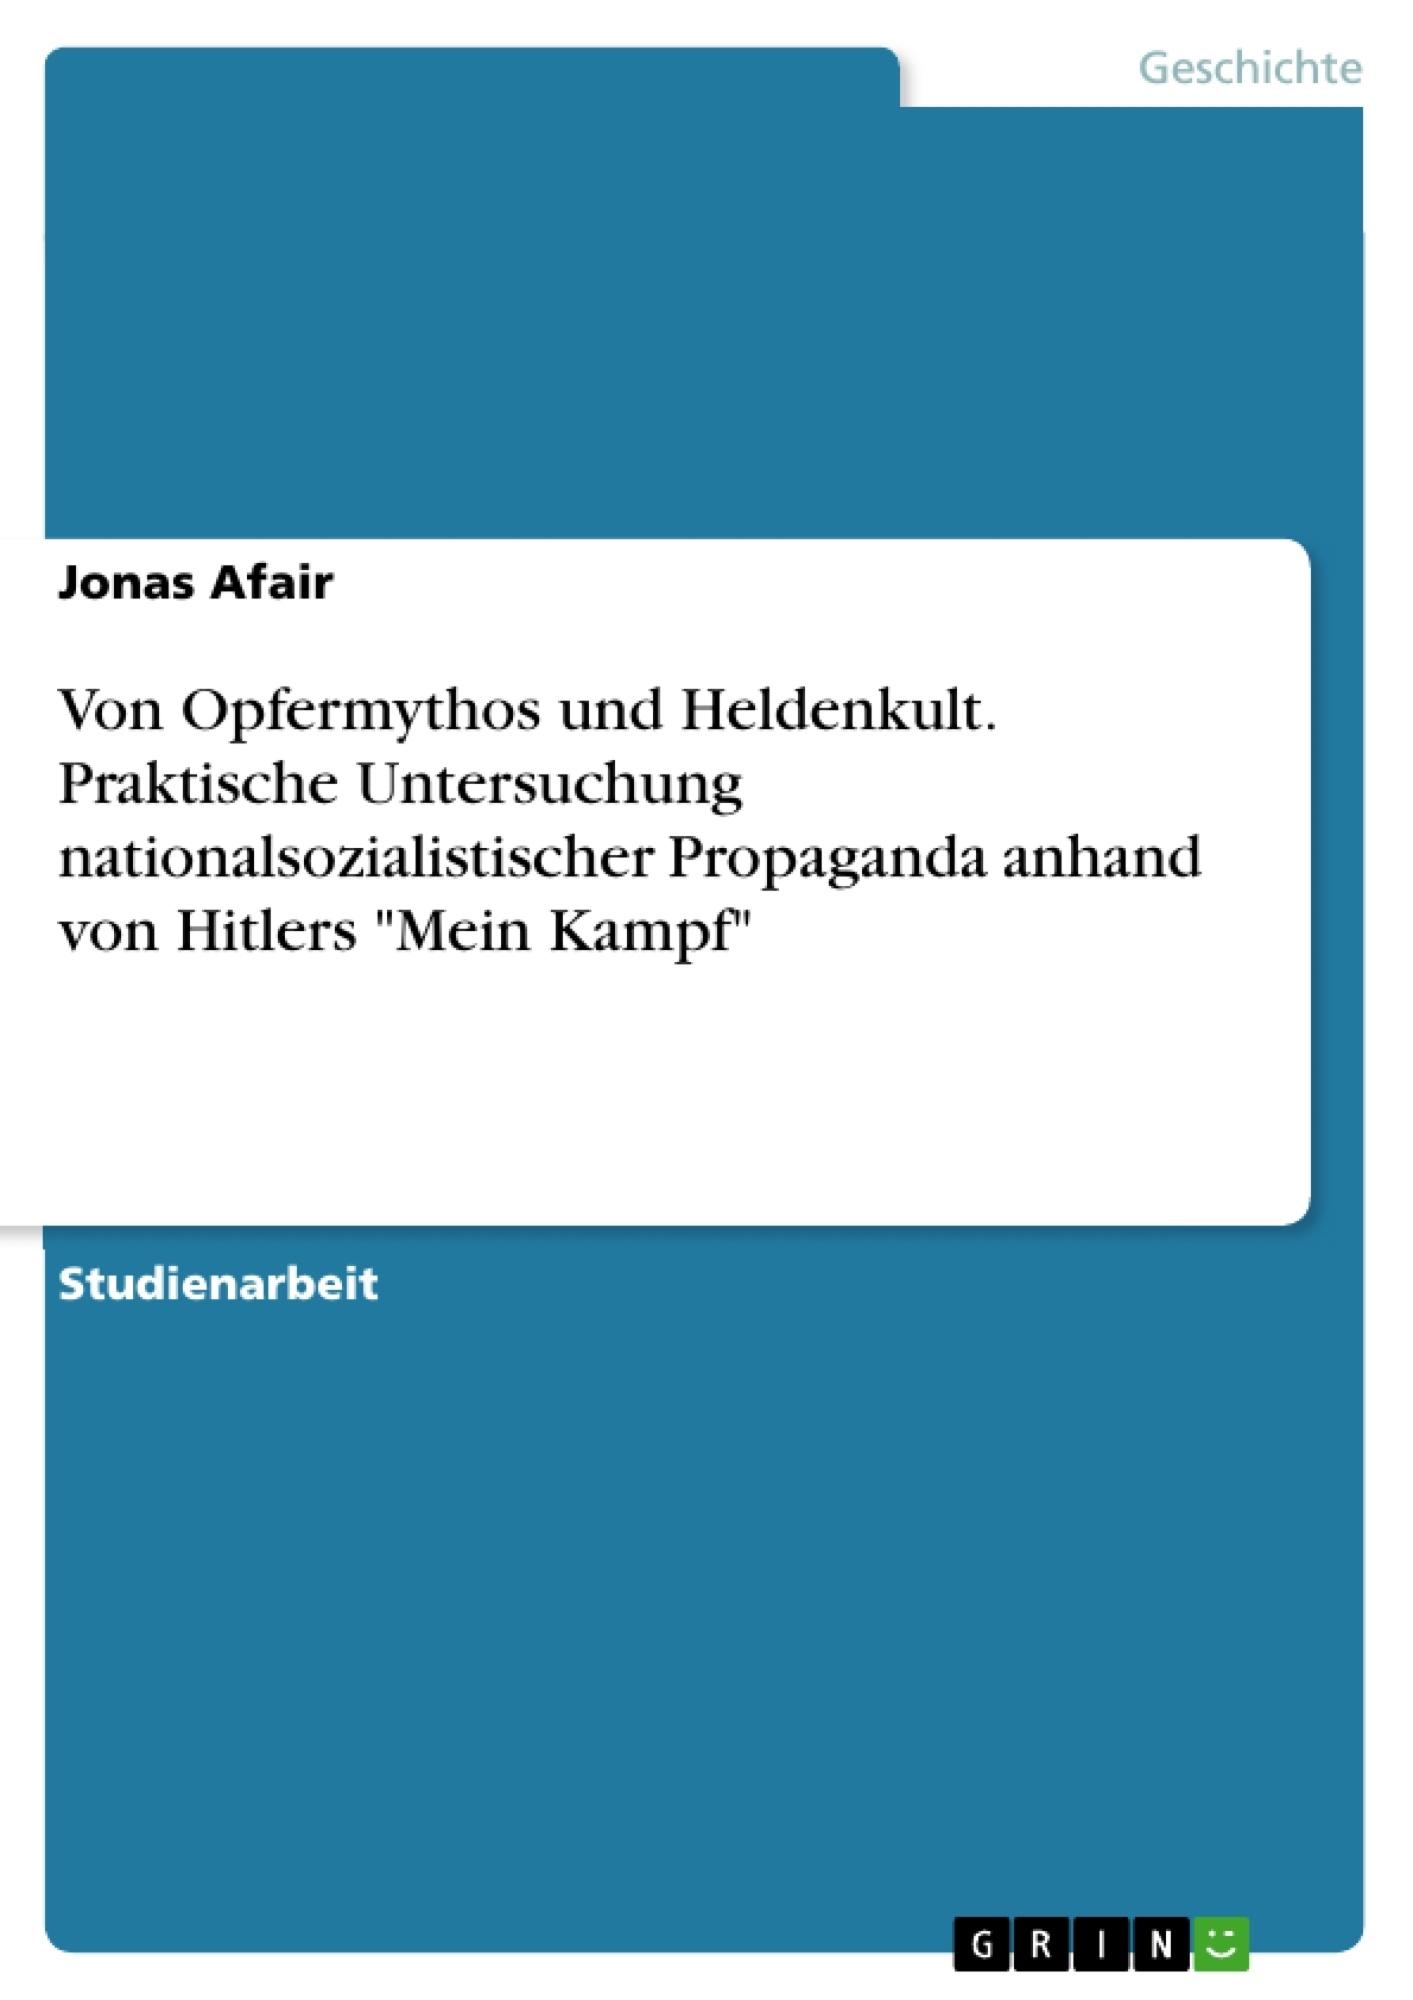 """Titel: Von Opfermythos und Heldenkult. Praktische Untersuchung nationalsozialistischer Propaganda anhand von Hitlers """"Mein Kampf"""""""